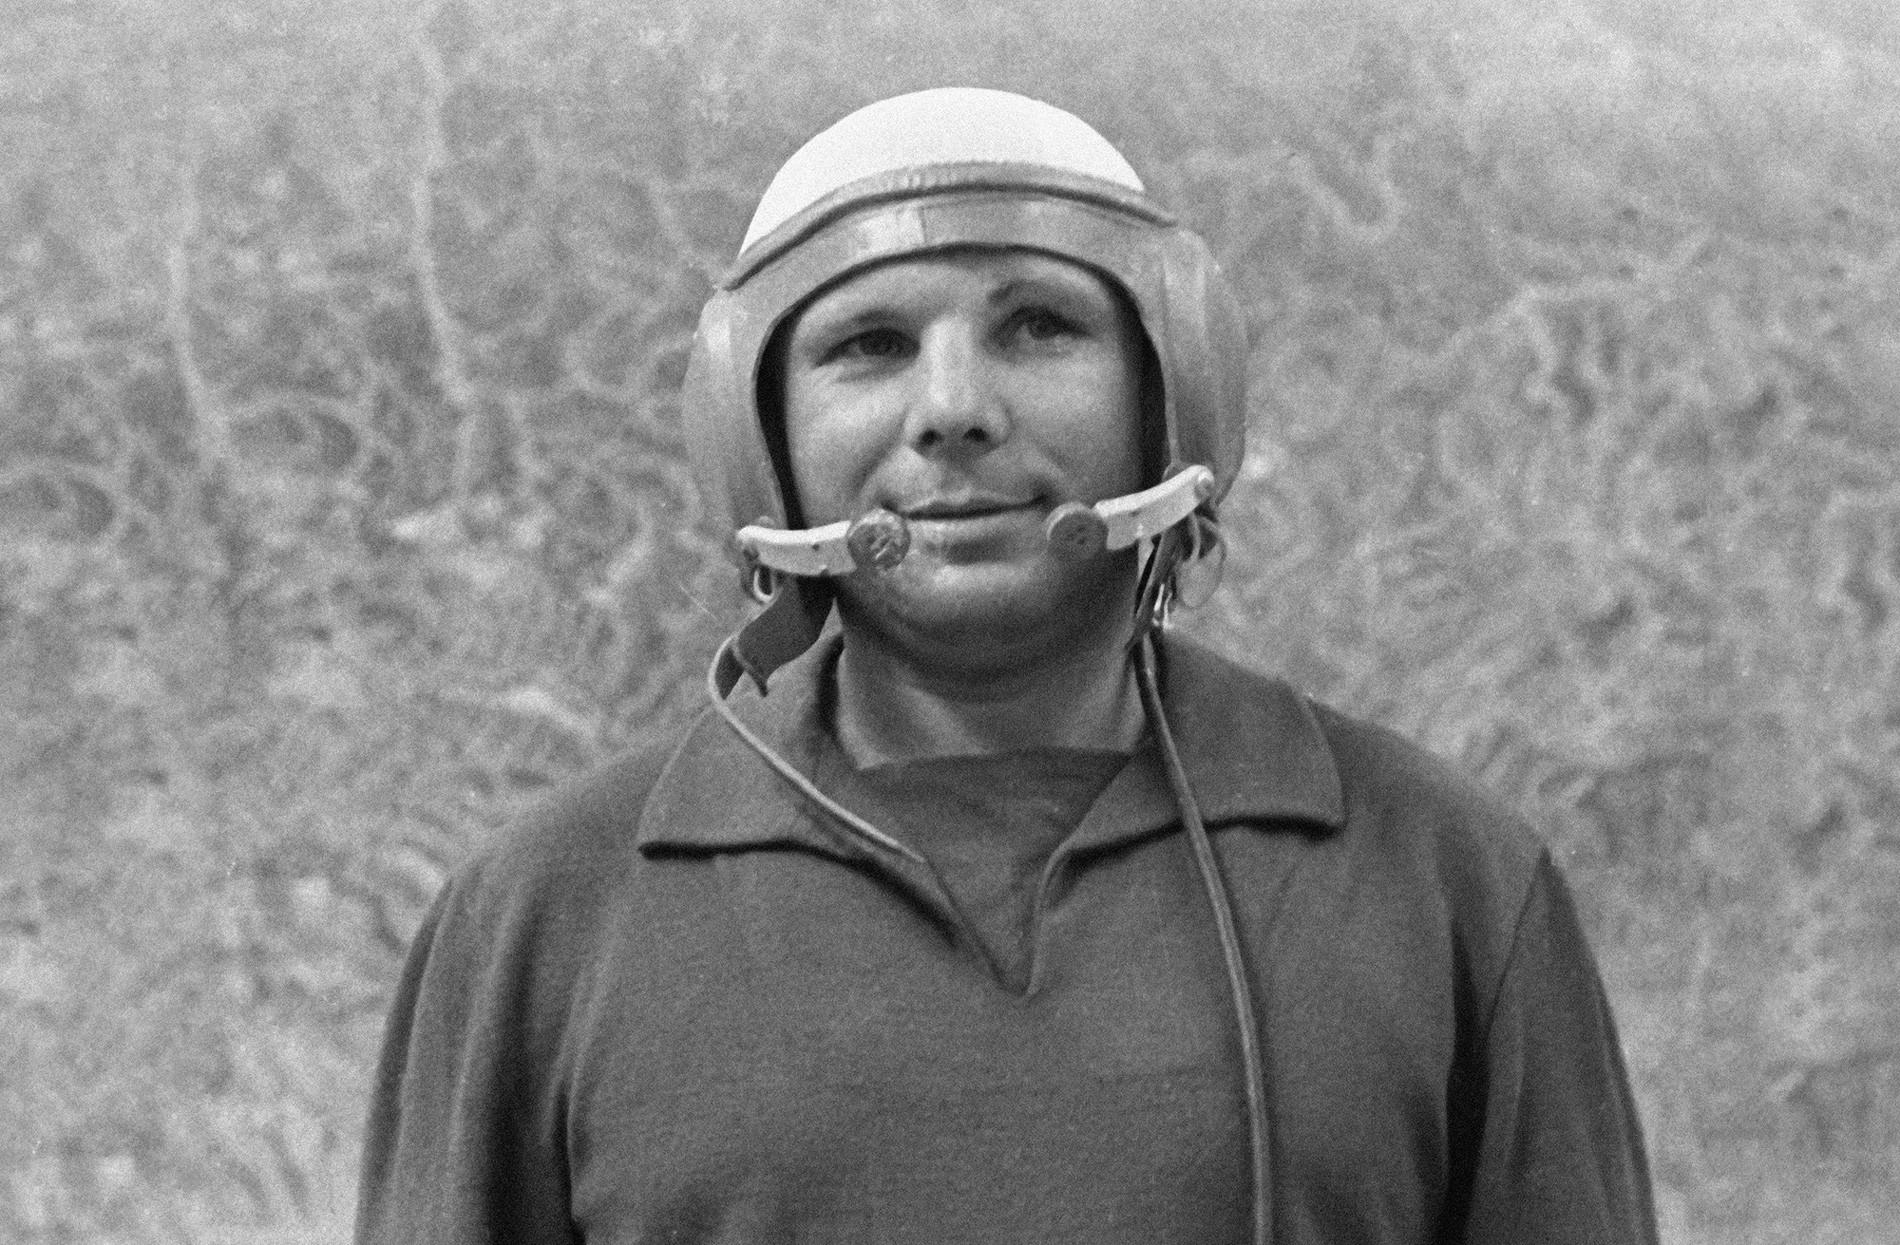 ユーリー・ガガーリン、1962年6月1日。